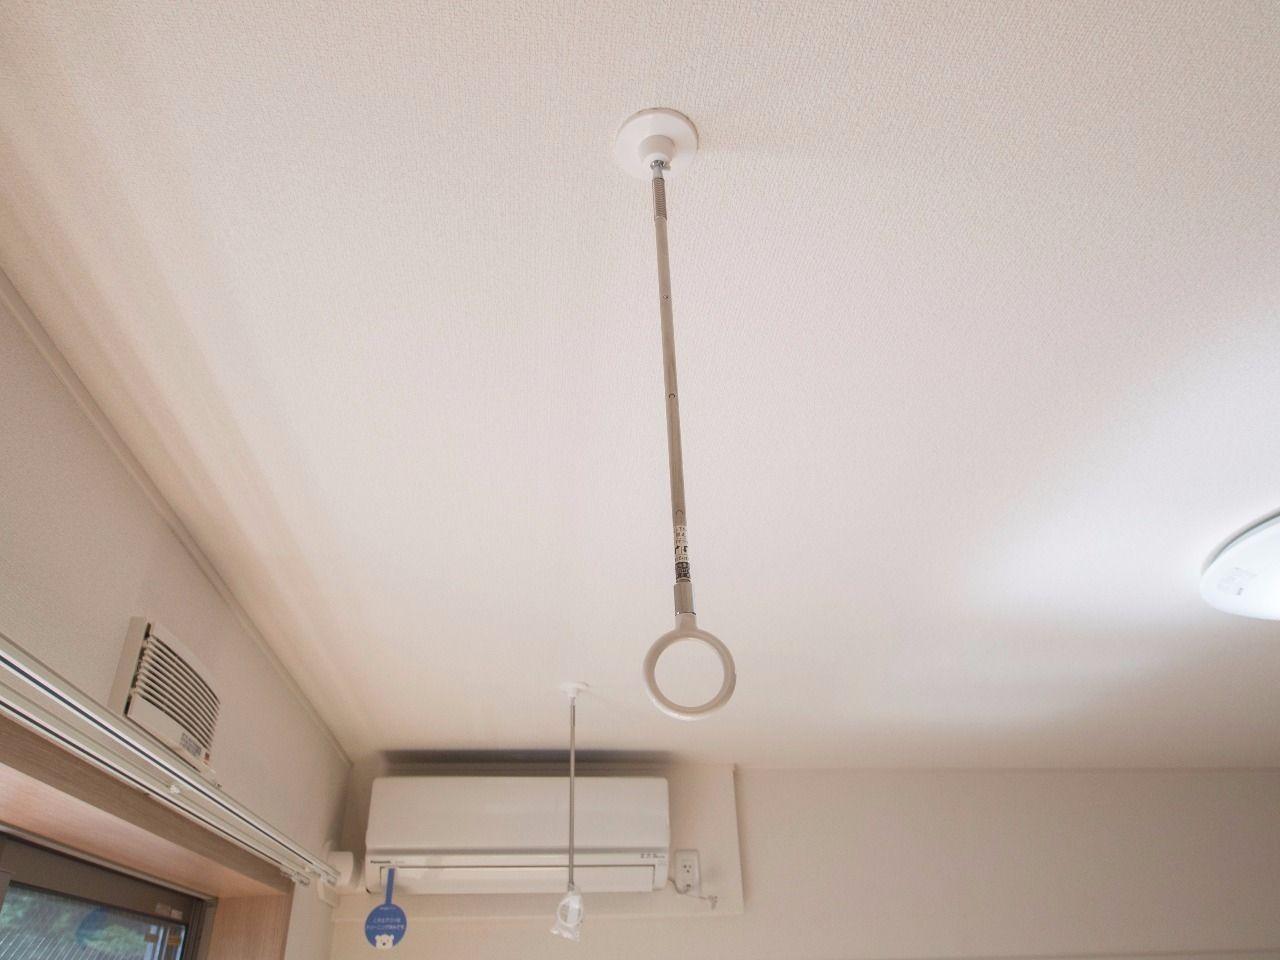 物干竿を通せば室内干しが可能になる川口技研の「ホスクリーン」